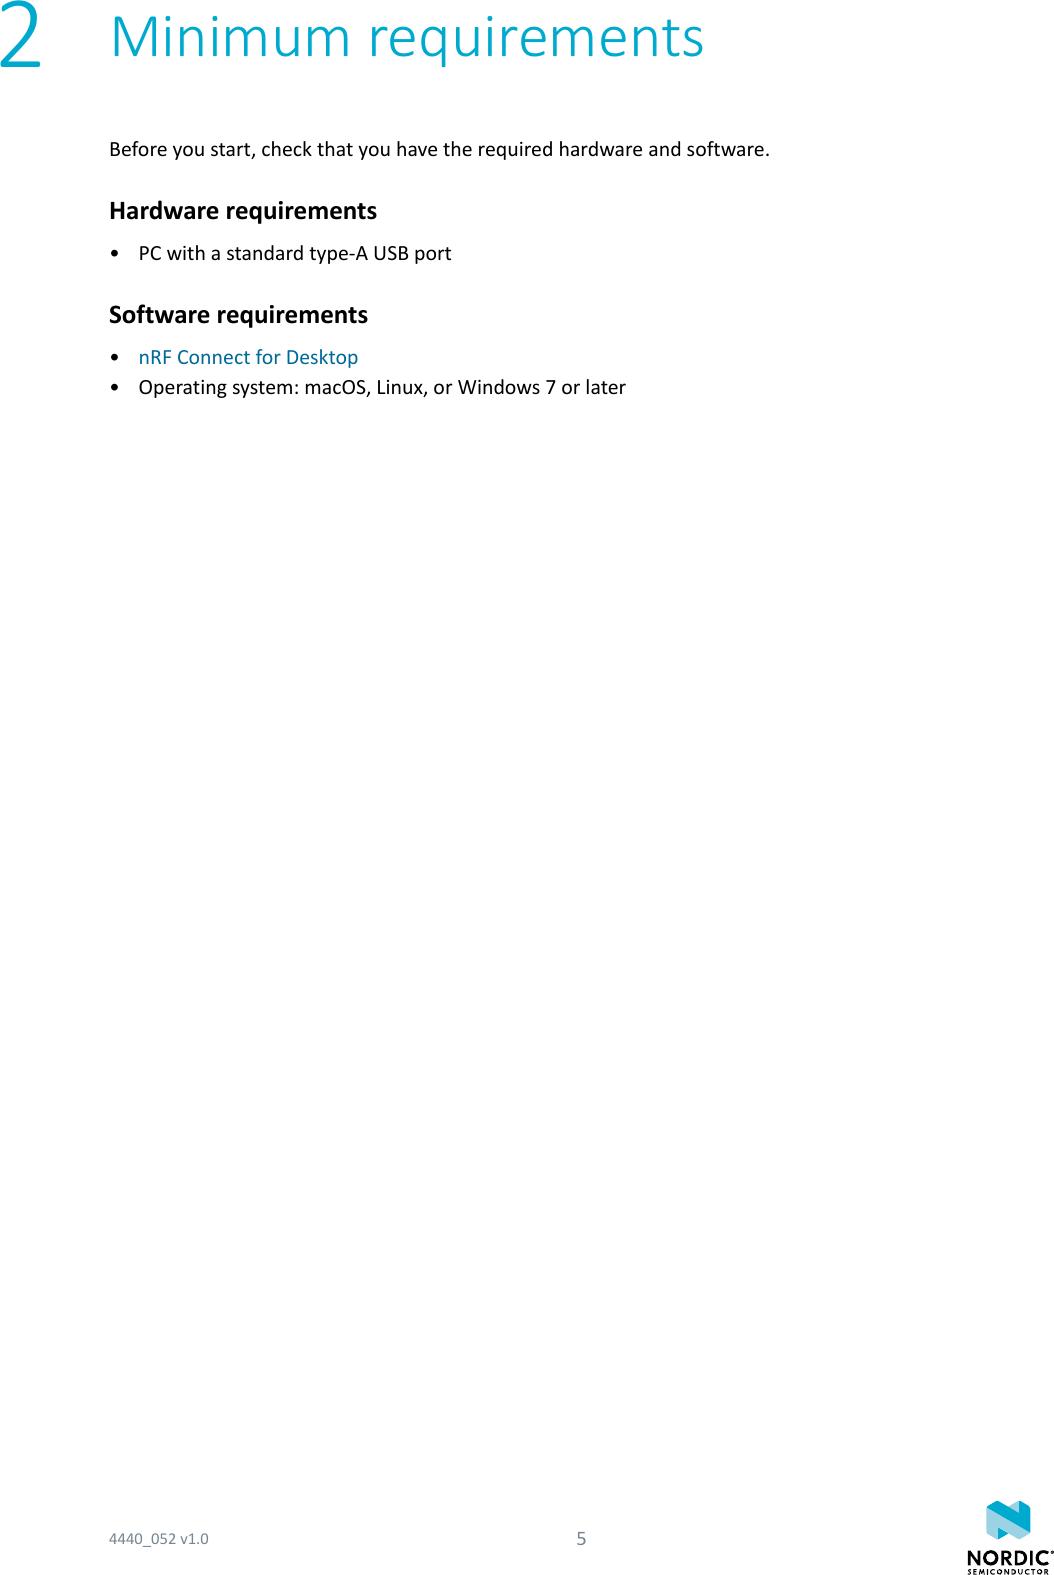 NRF52840 Dongle N RF52840 User Guide V1 0